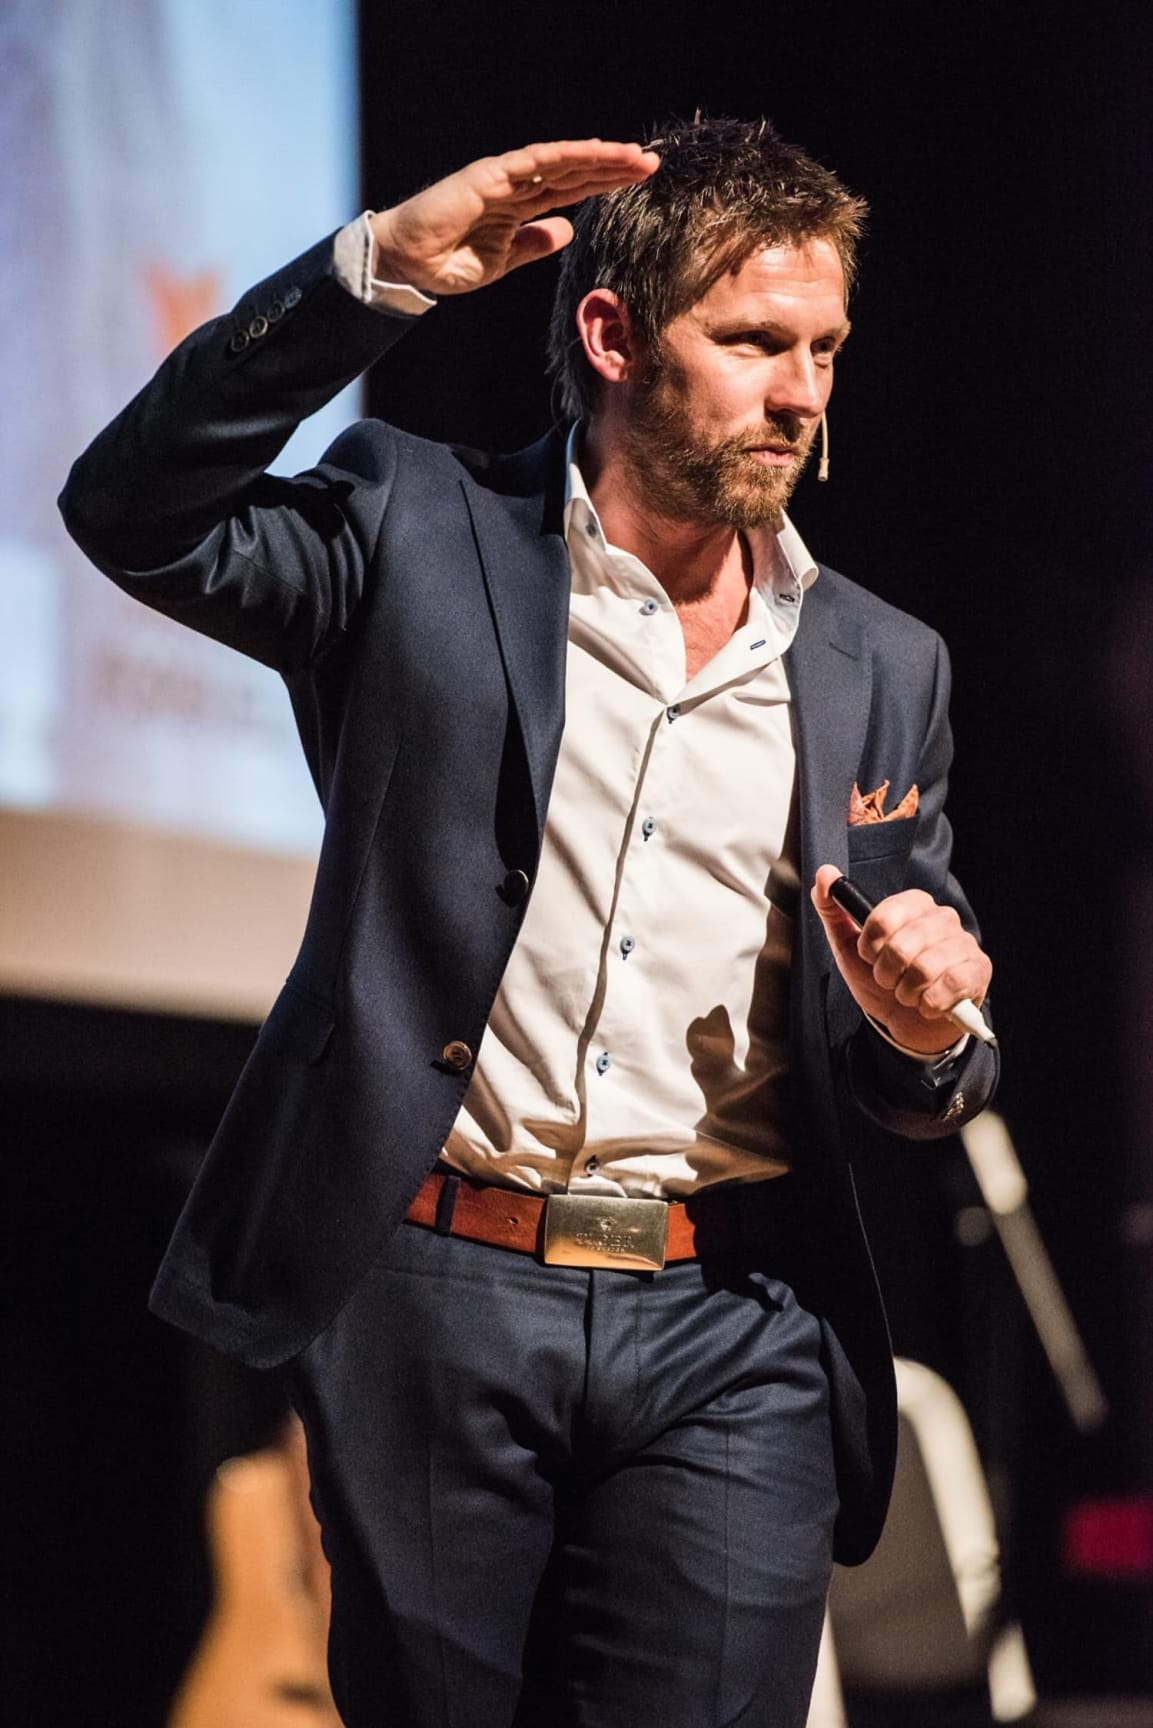 Espen Simonsen har holdt utallige foredrag og kurs for fagmiljøer, næringslivsledere og politikere – samt motivasjonsforedrag for folk flest.